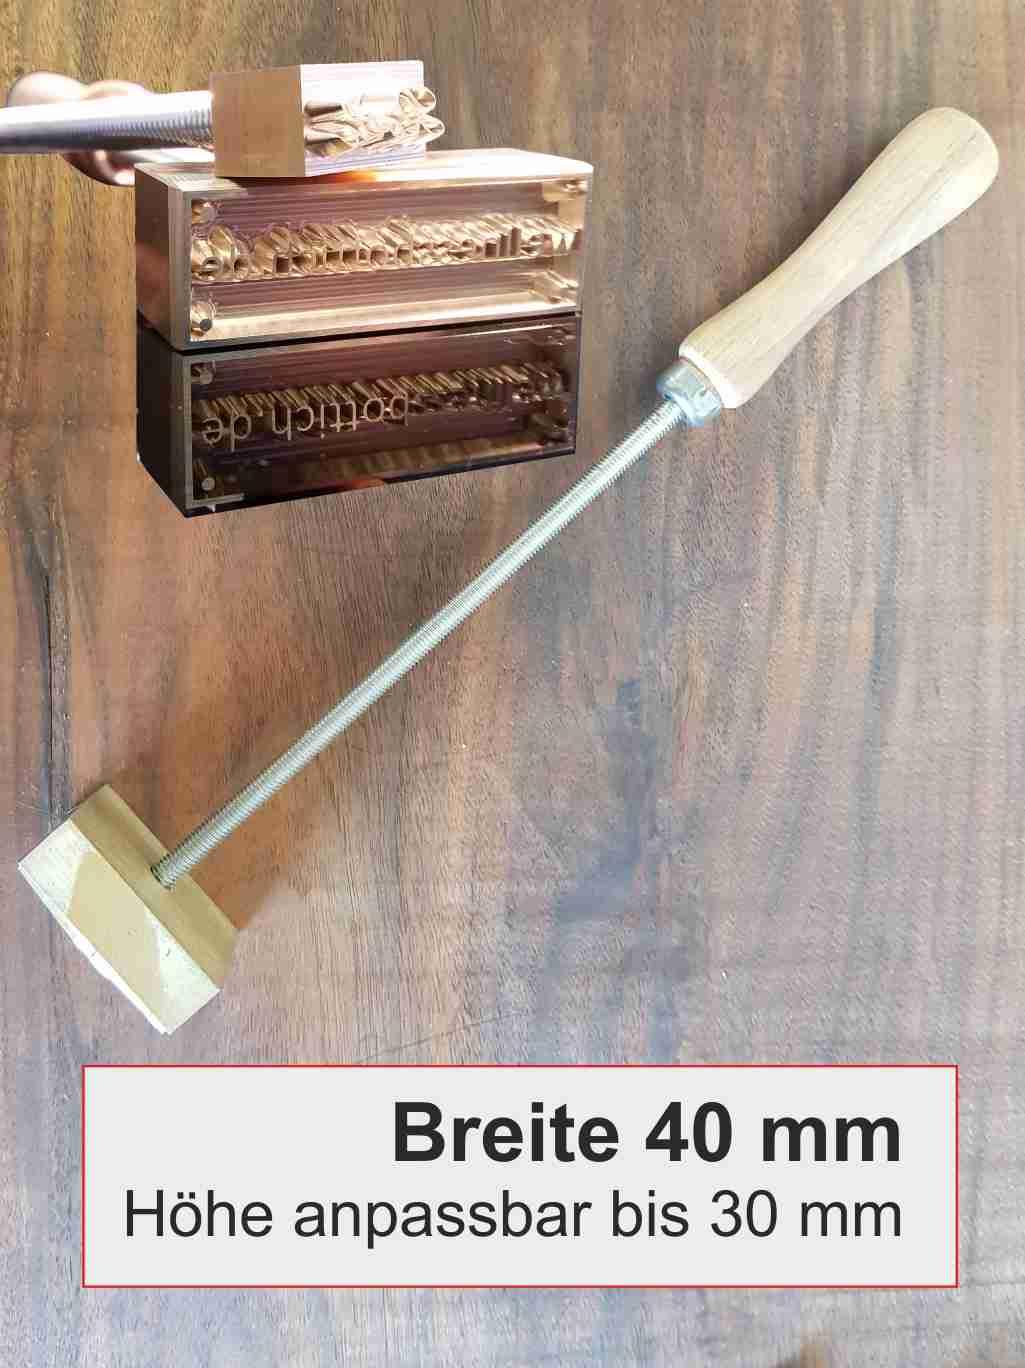 Brandstempel manuell | Breite 40 mm | Höhe anpassbar | 10 mm